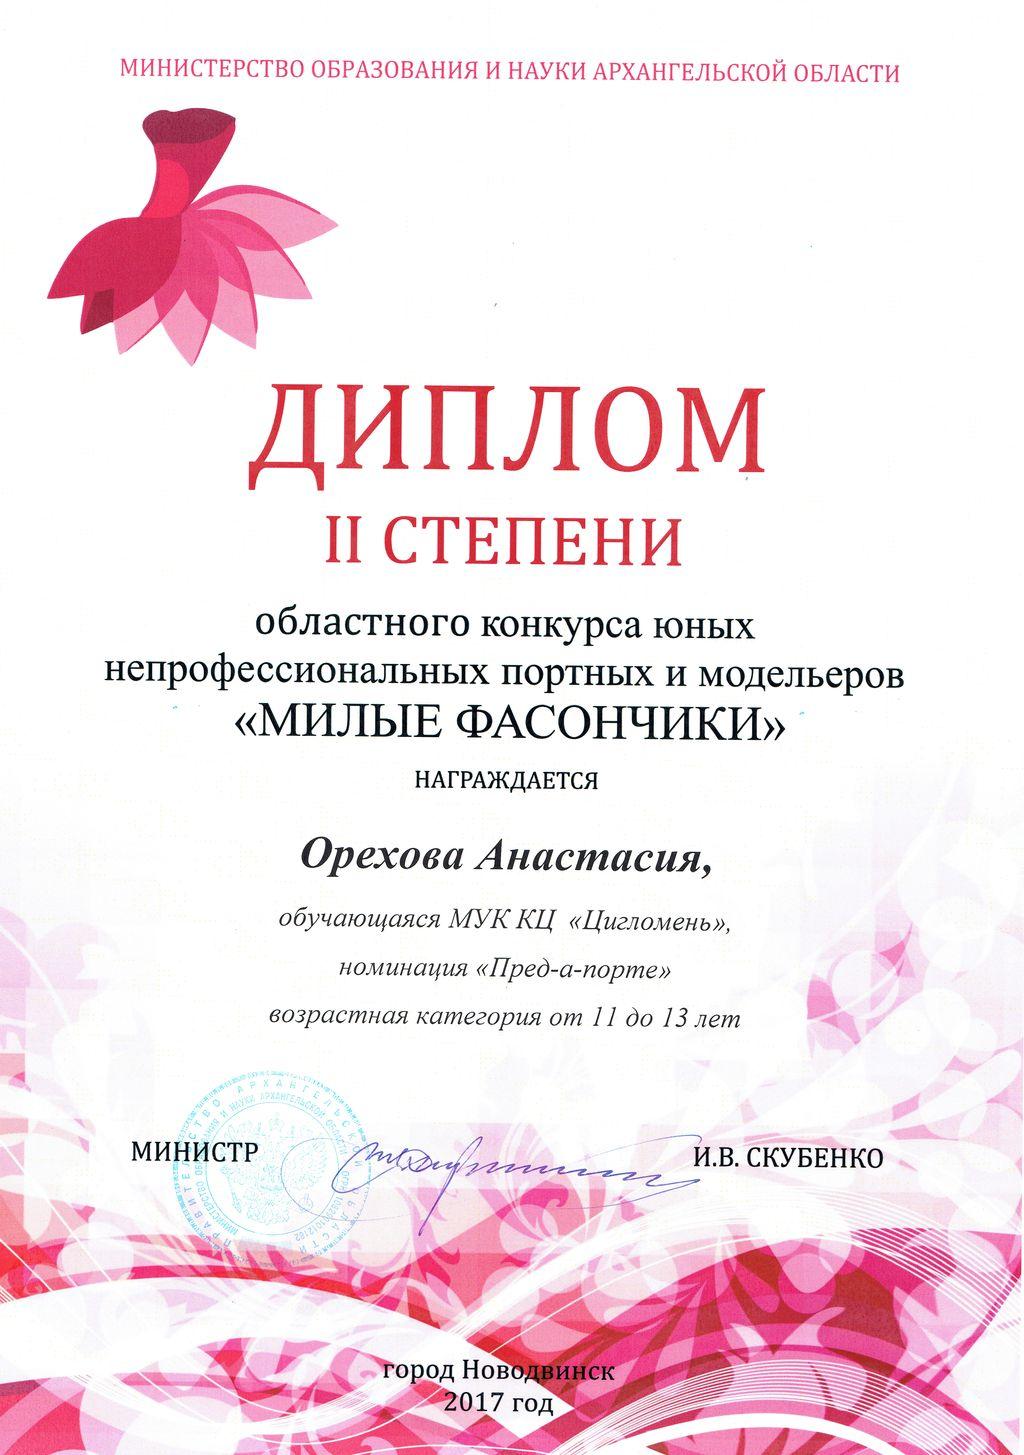 Диплом 2 степени областного конкурса Милые фасончики Орехова А.